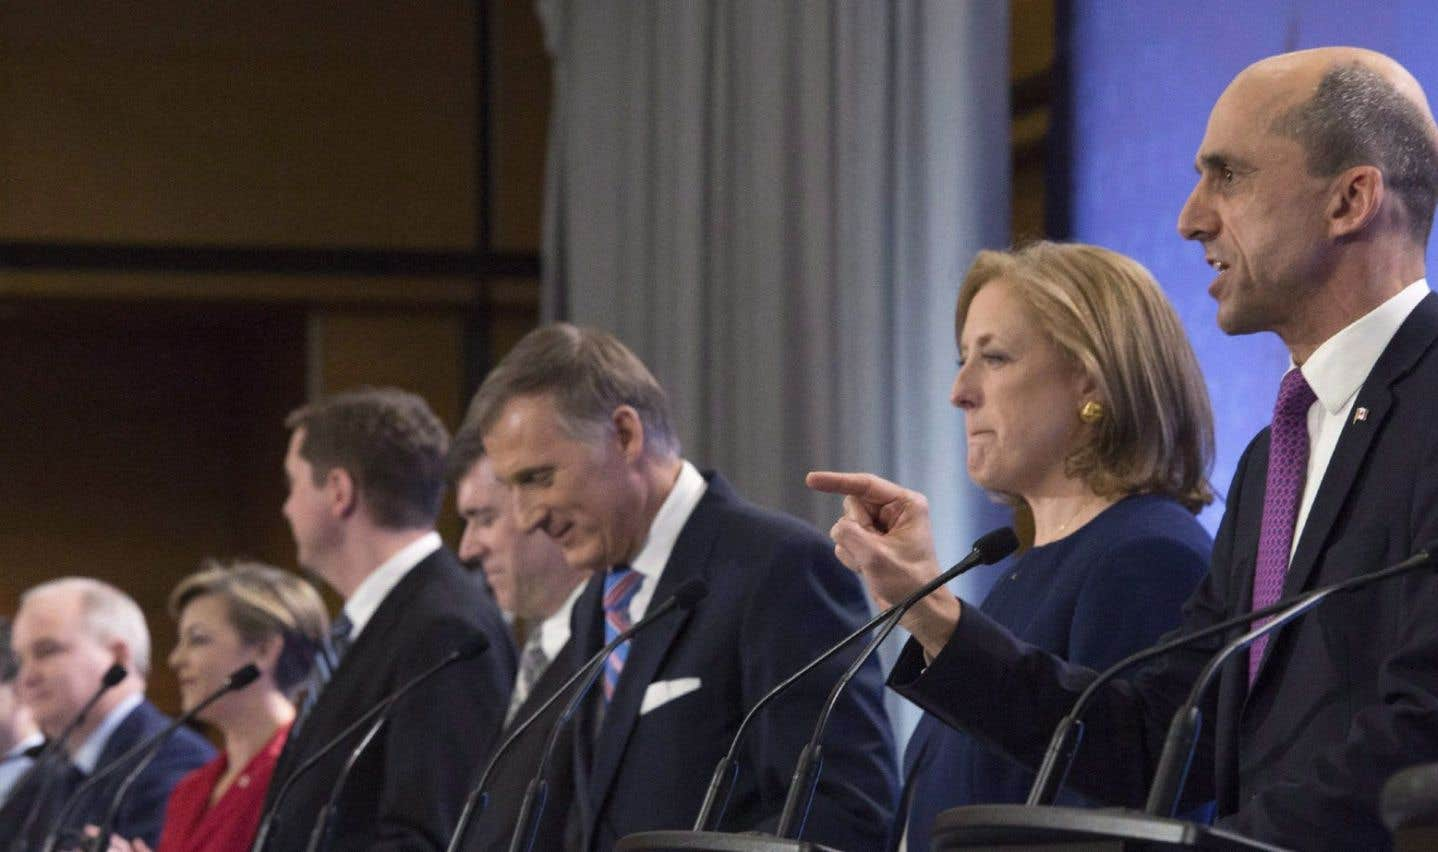 Des candidats à la course à la chefferie du PCC lors du débat en français à Québec le 17 février 2017